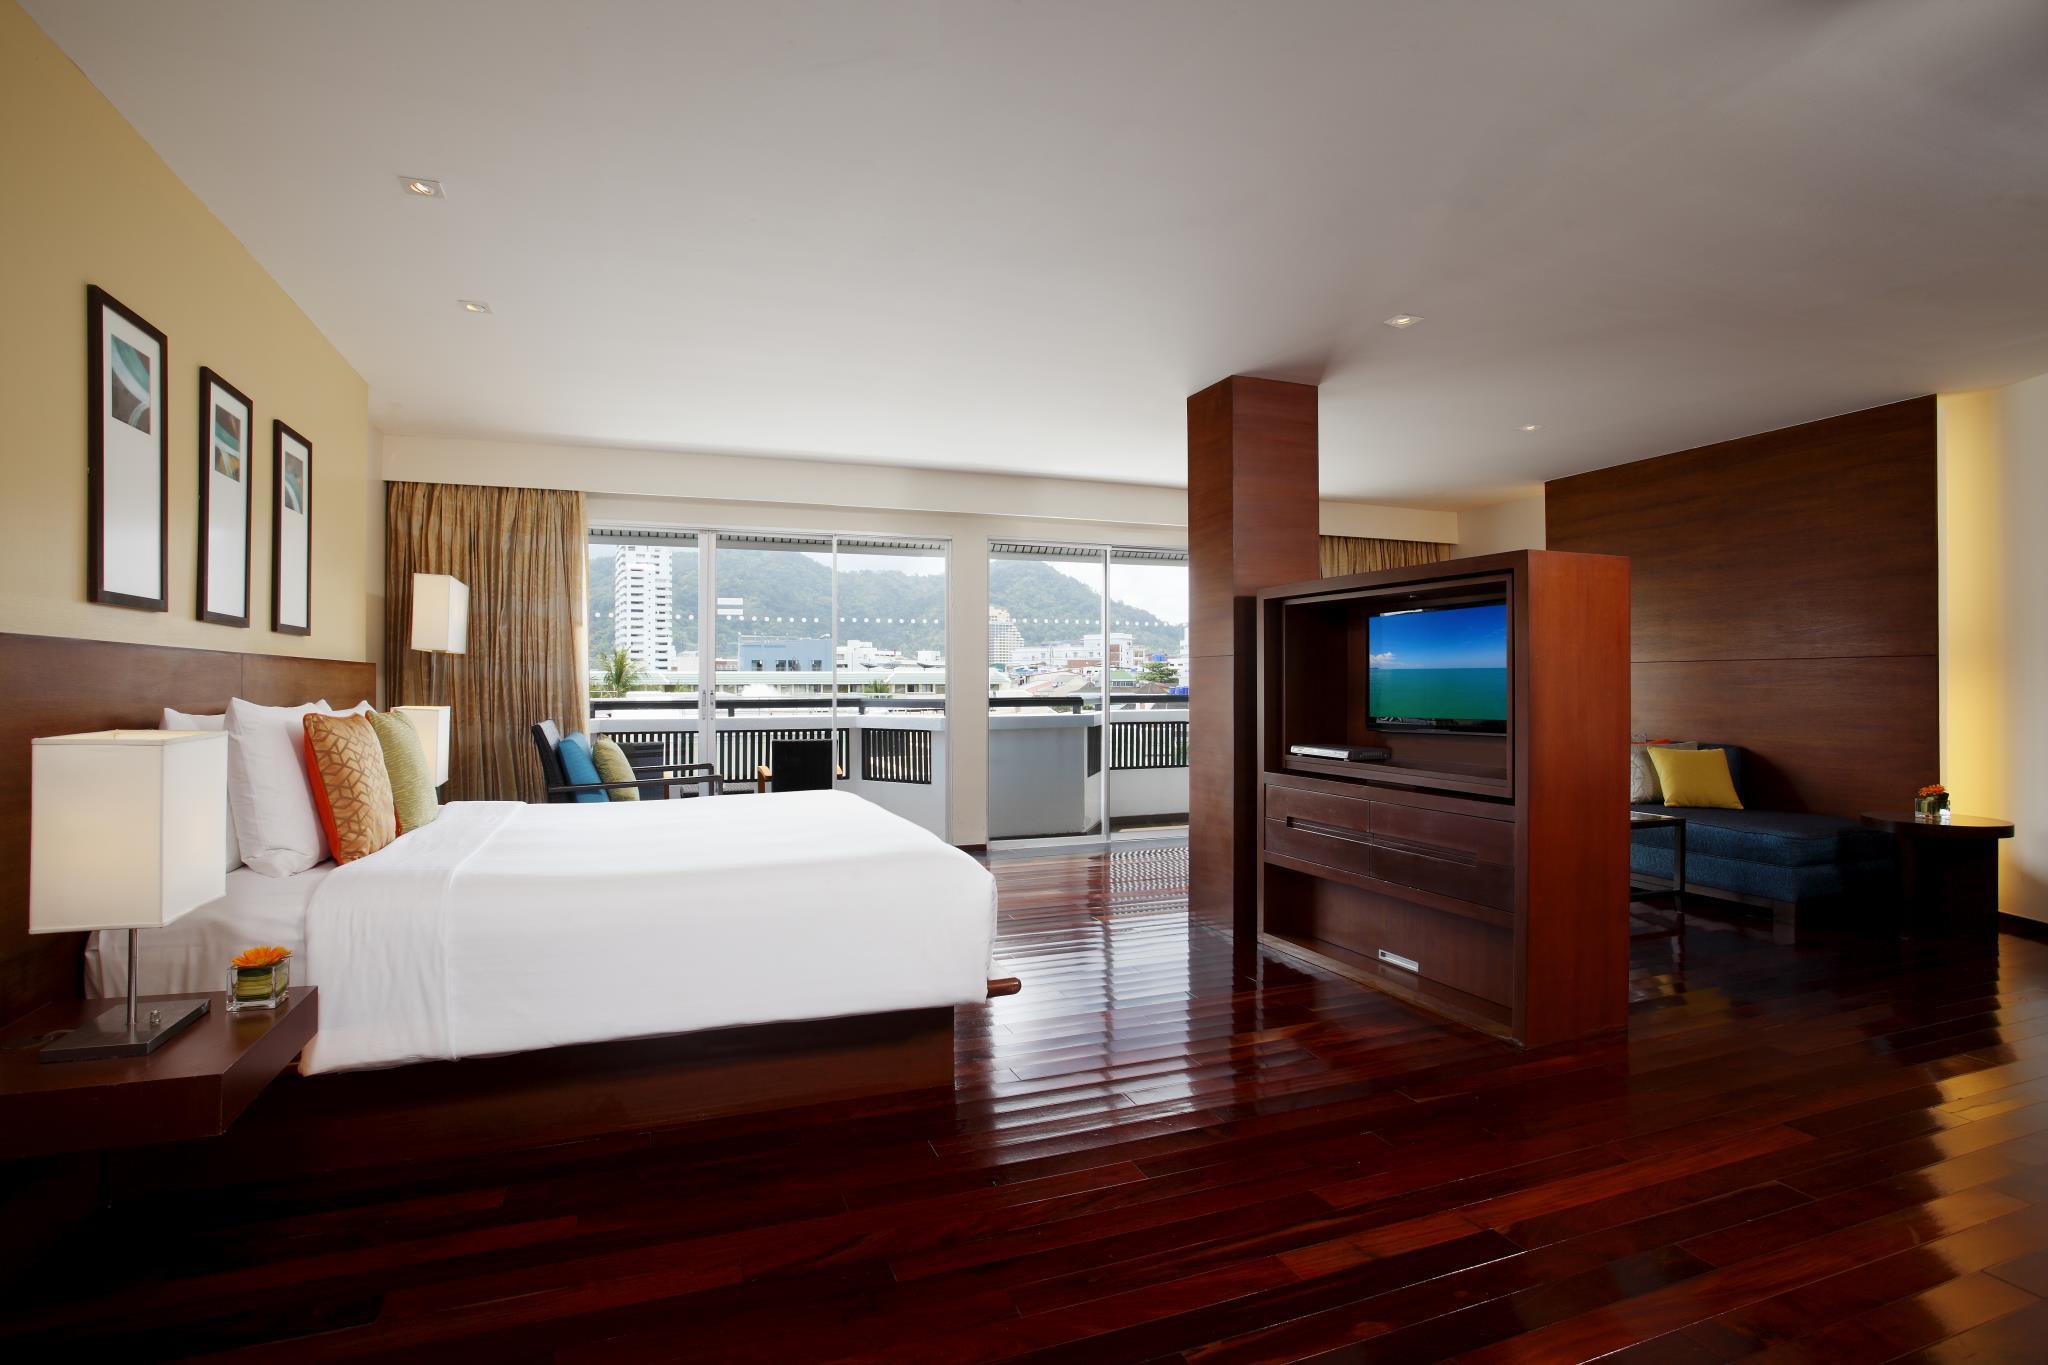 هتل سوئیس اوتل ریزورت پاتونگ بیچ پوکت